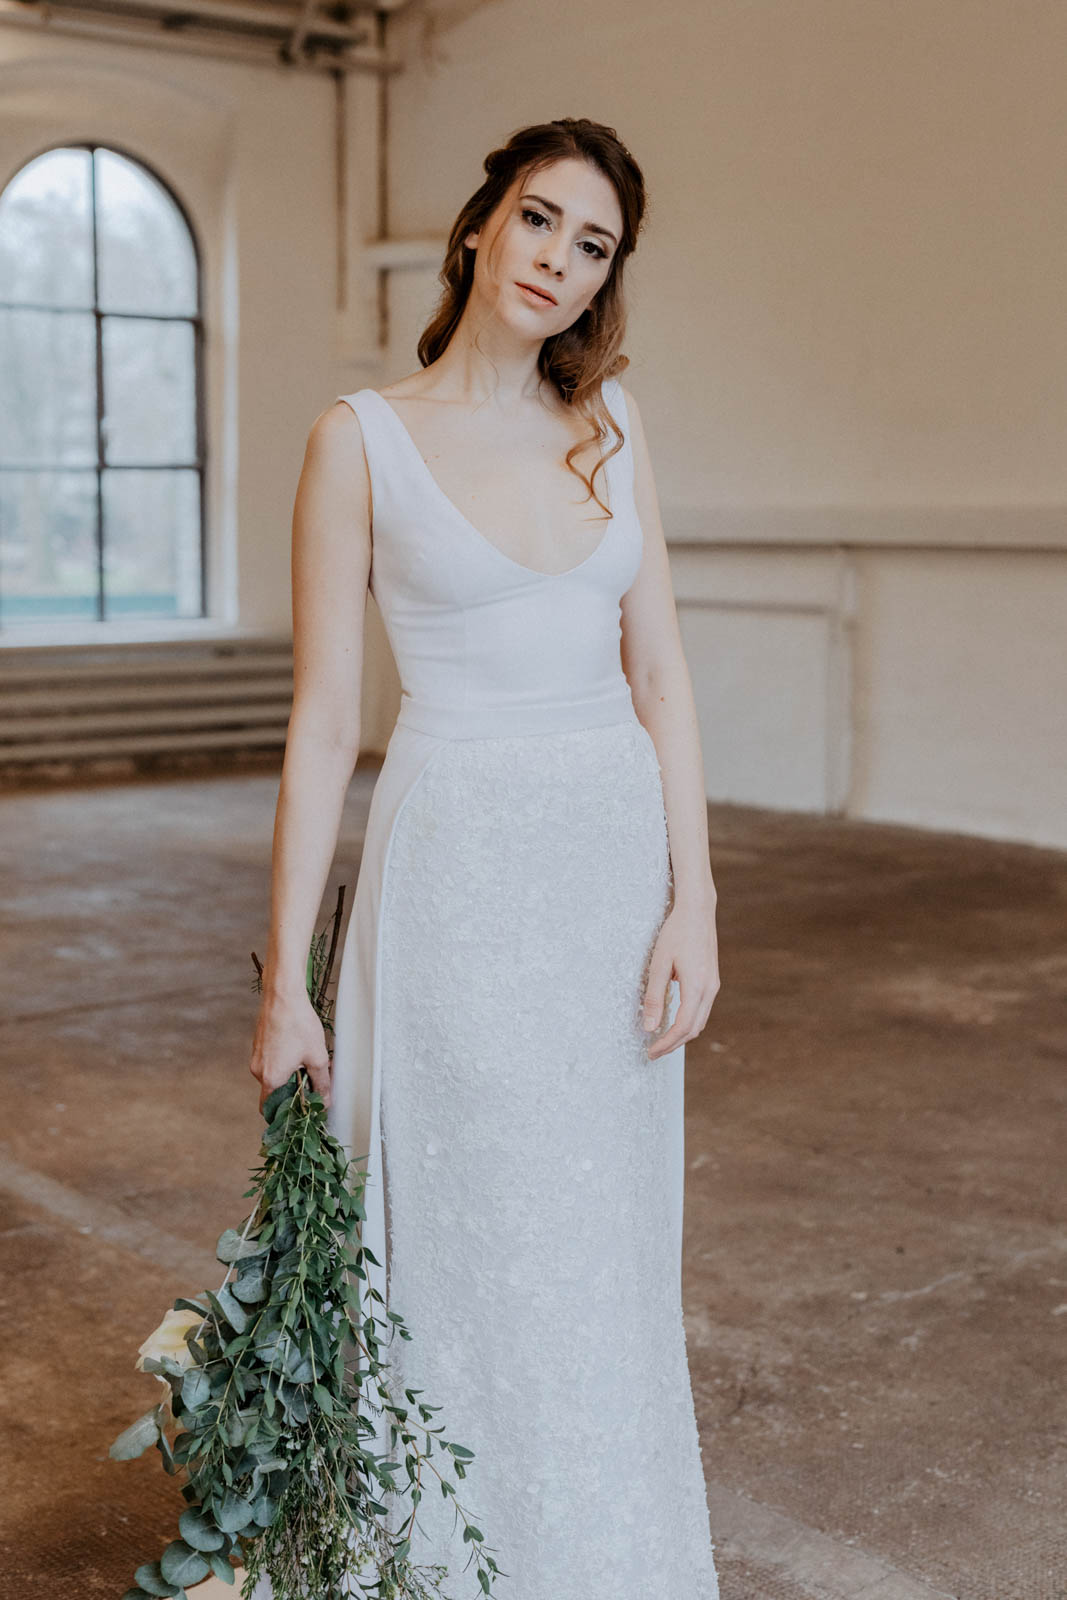 zweiteliges Brautkleid